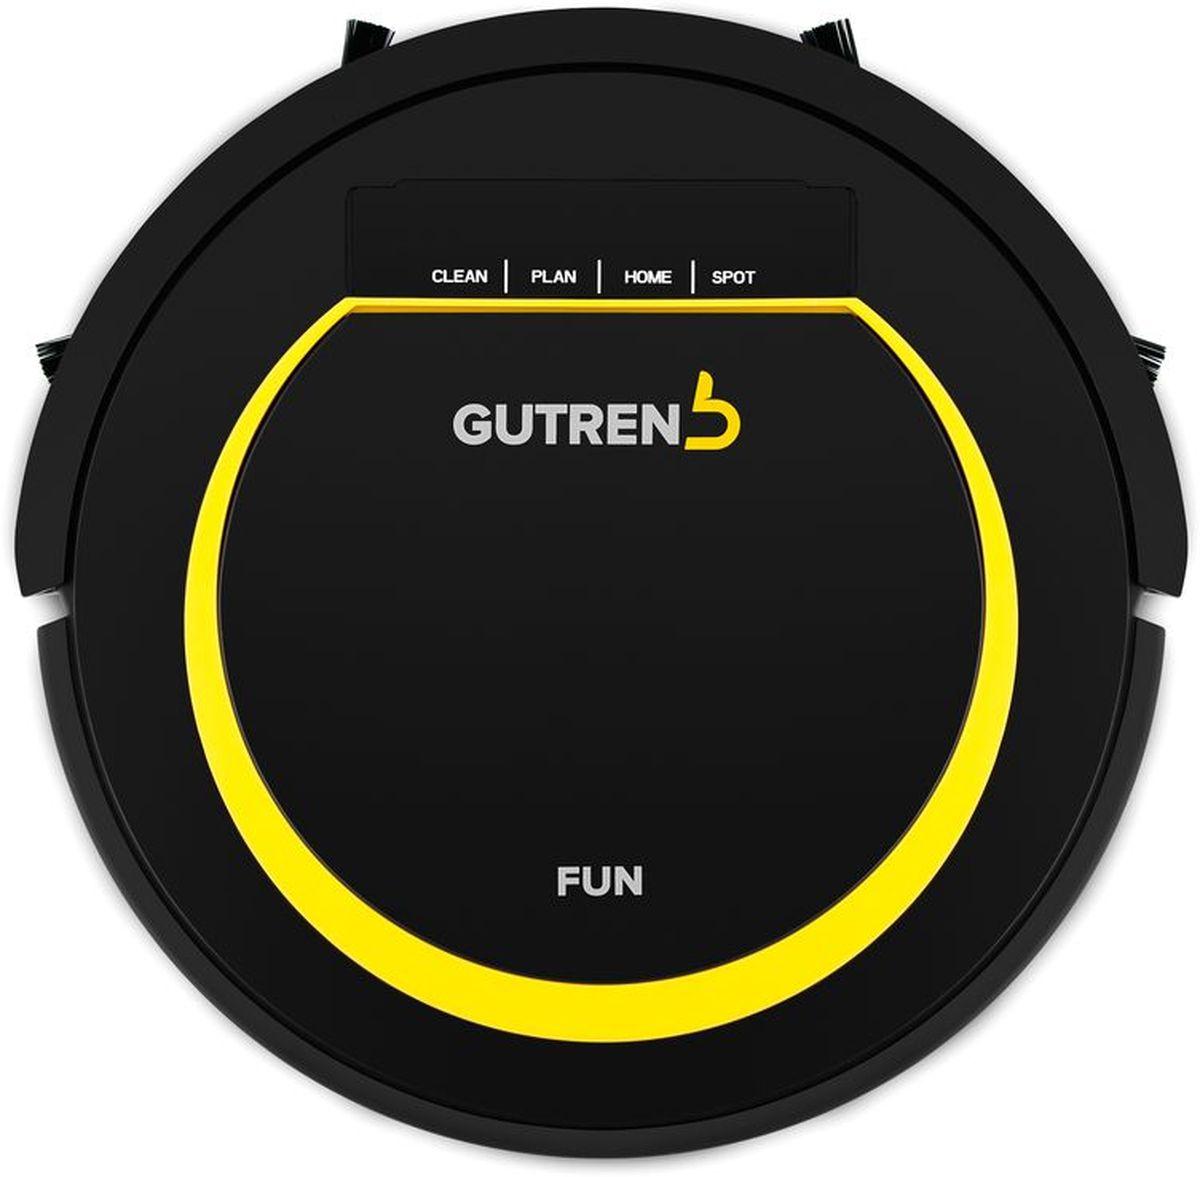 лучшая цена Робот-пылесос Gutrend Fun 120, Black Yellow